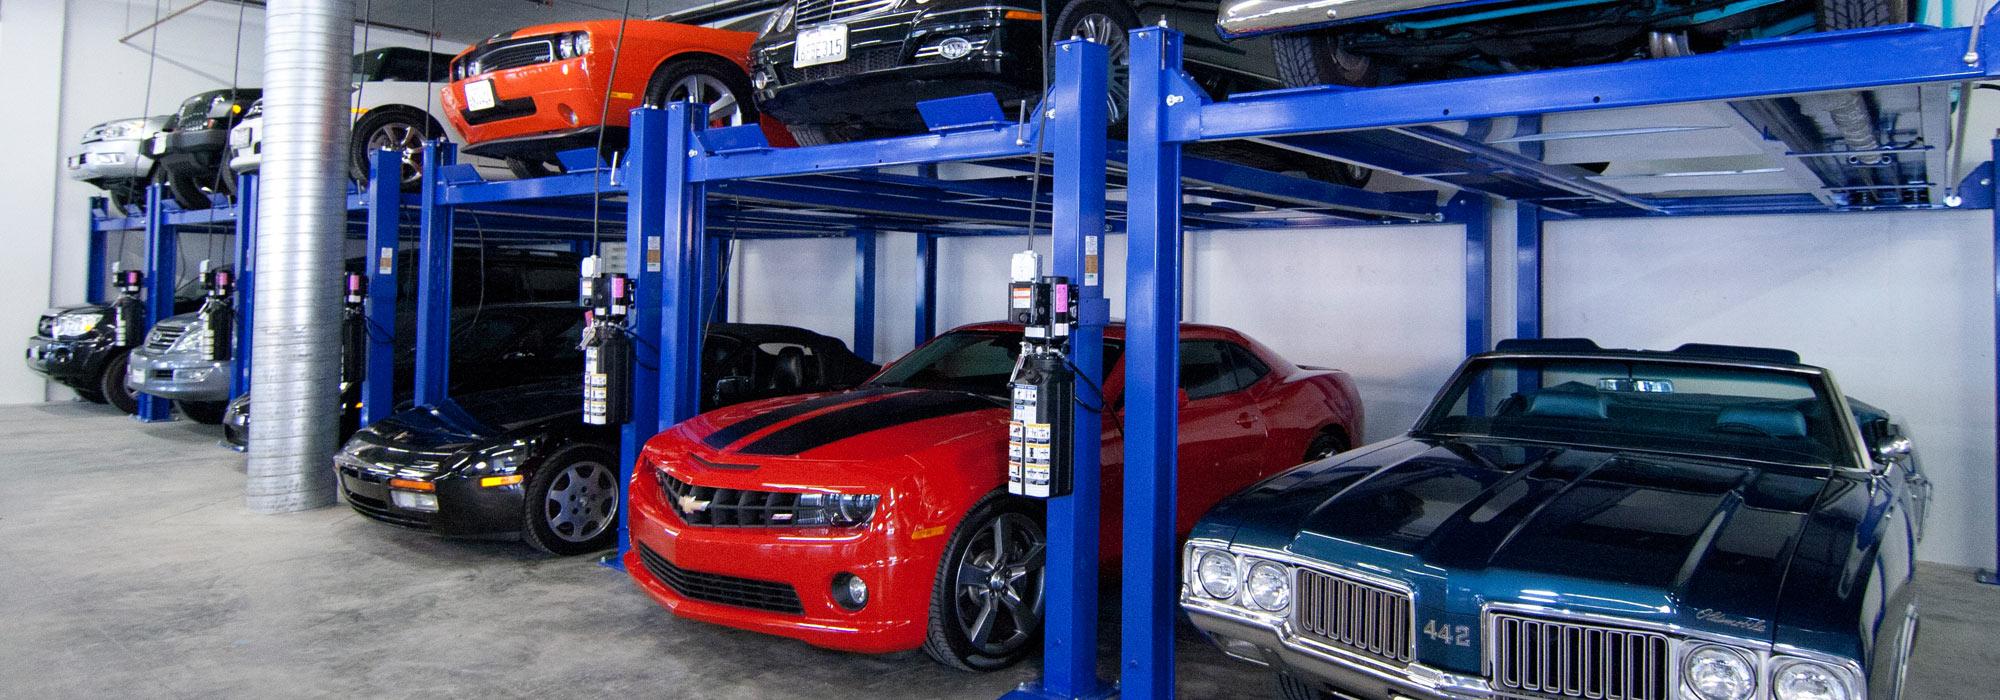 A 1 Car Storage Provides Car Storage In San Diego County